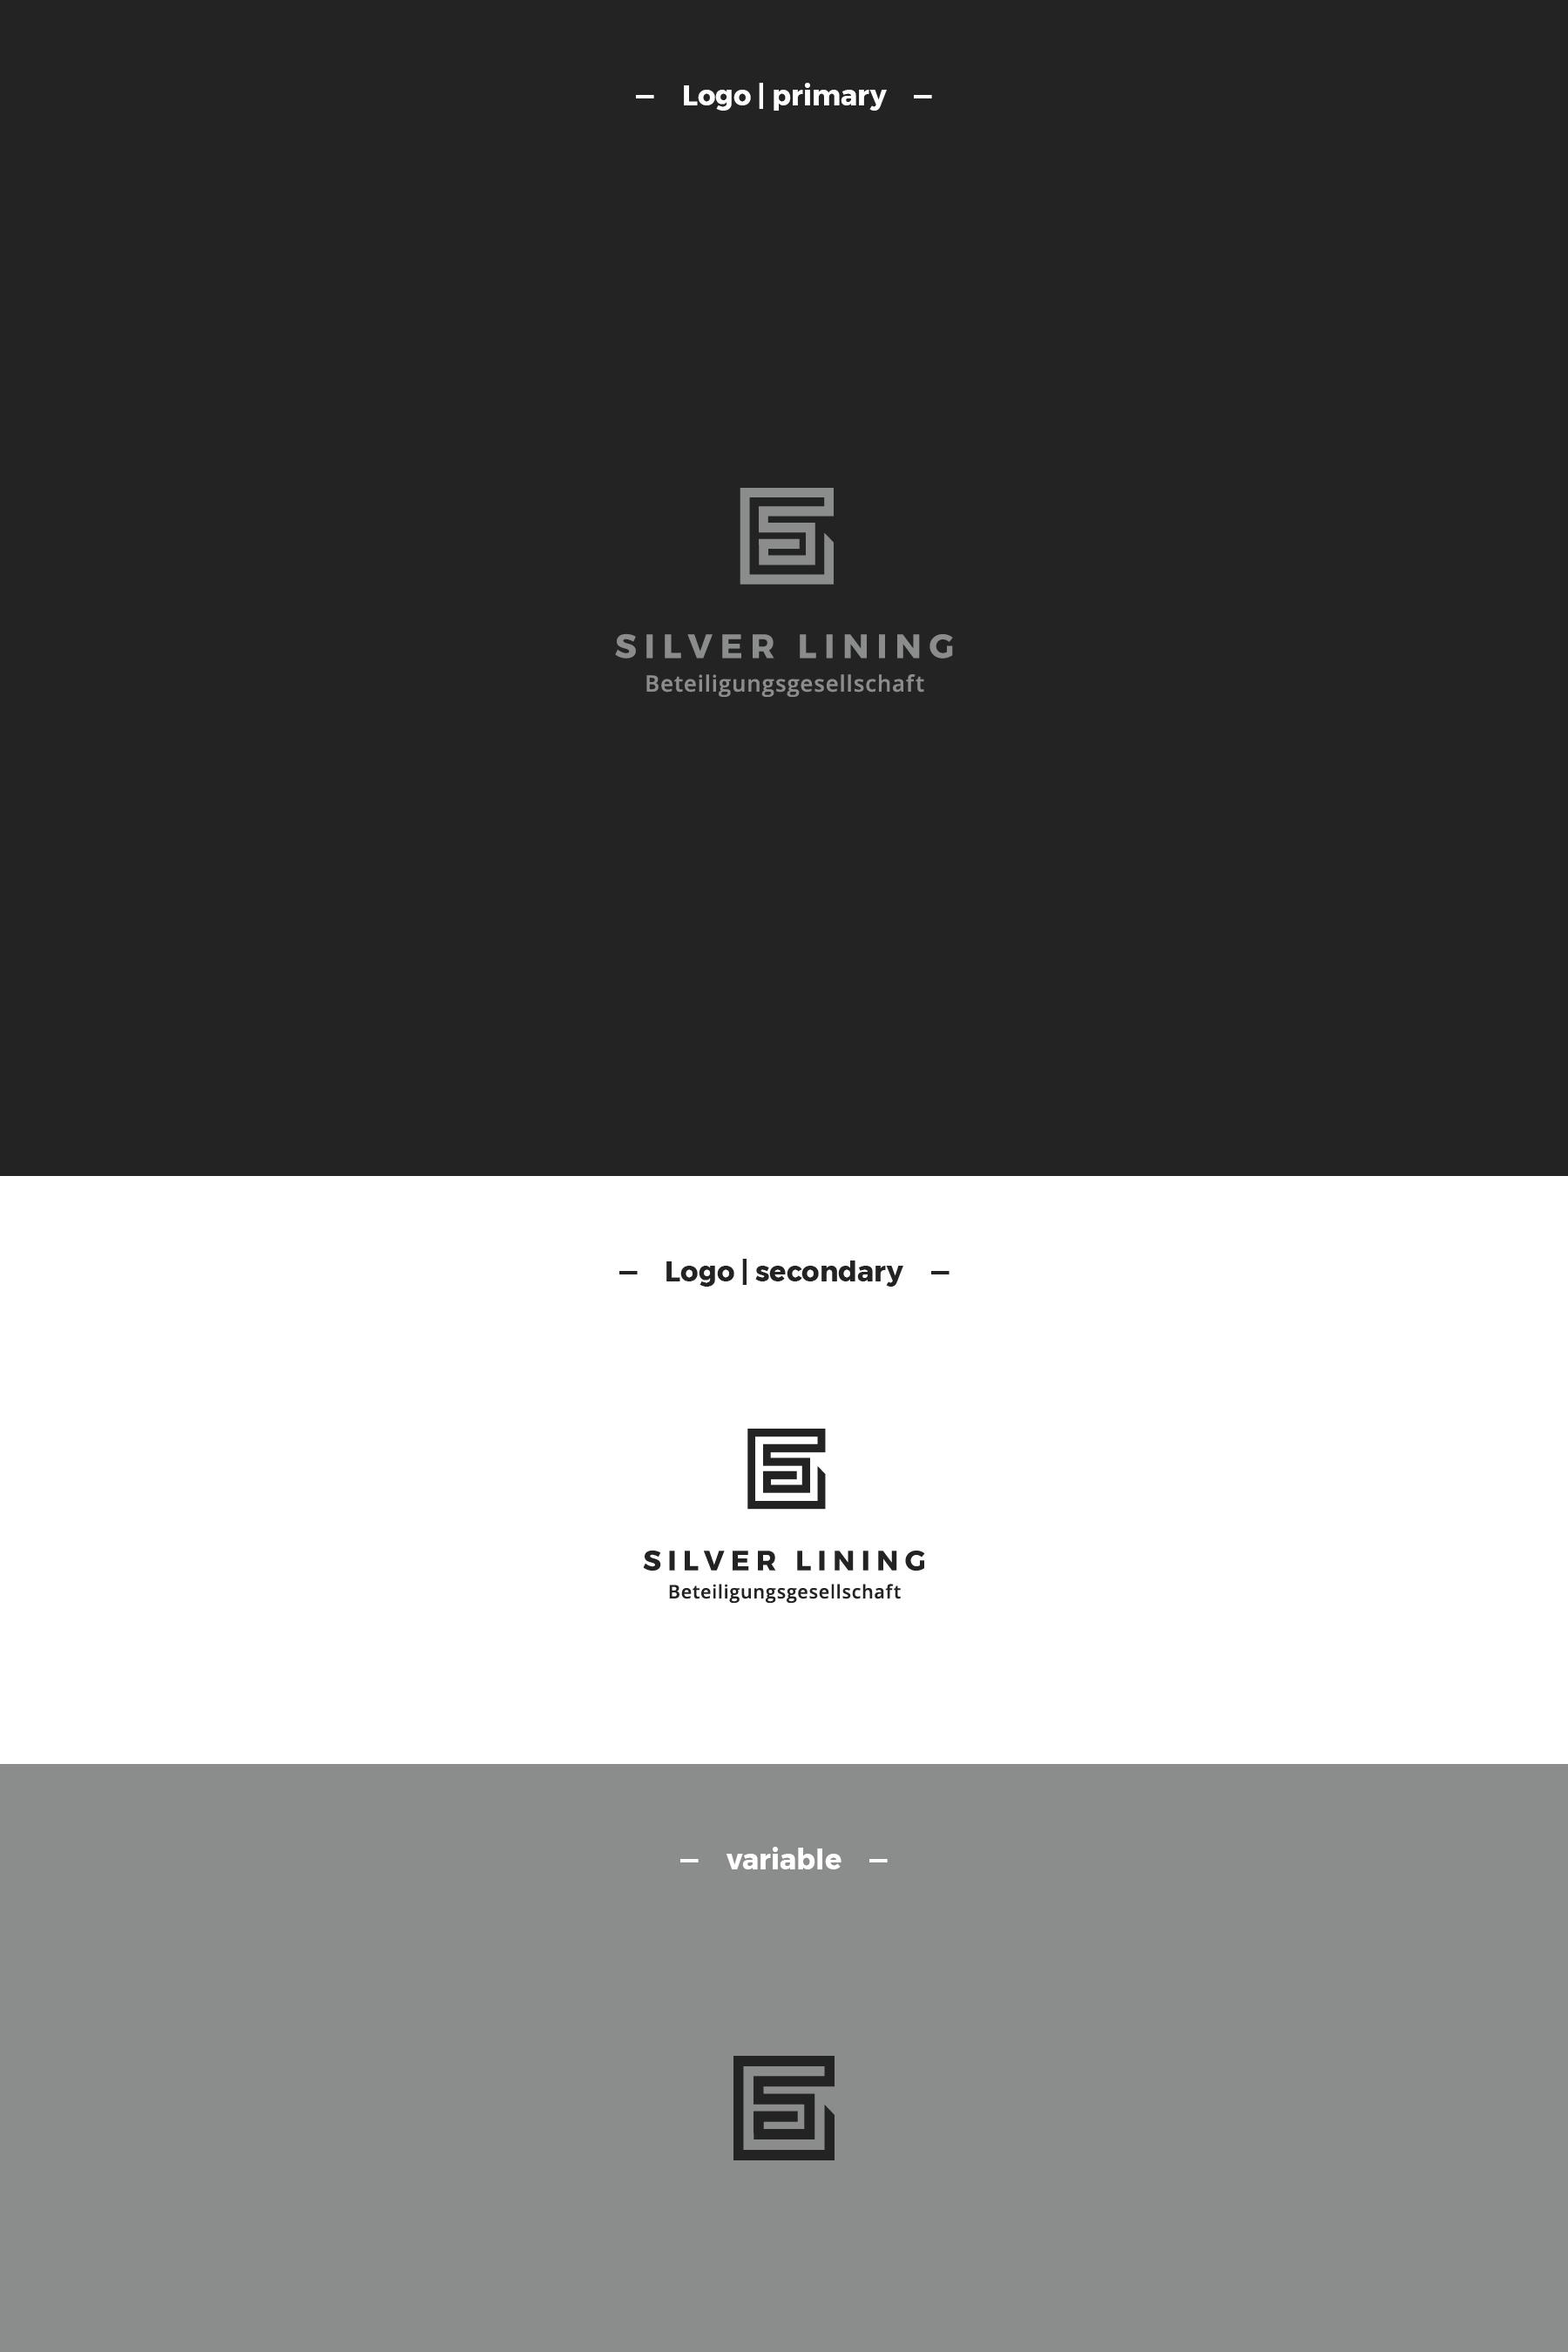 silver-lining-grafikdesign-erscheinung-gestaltung